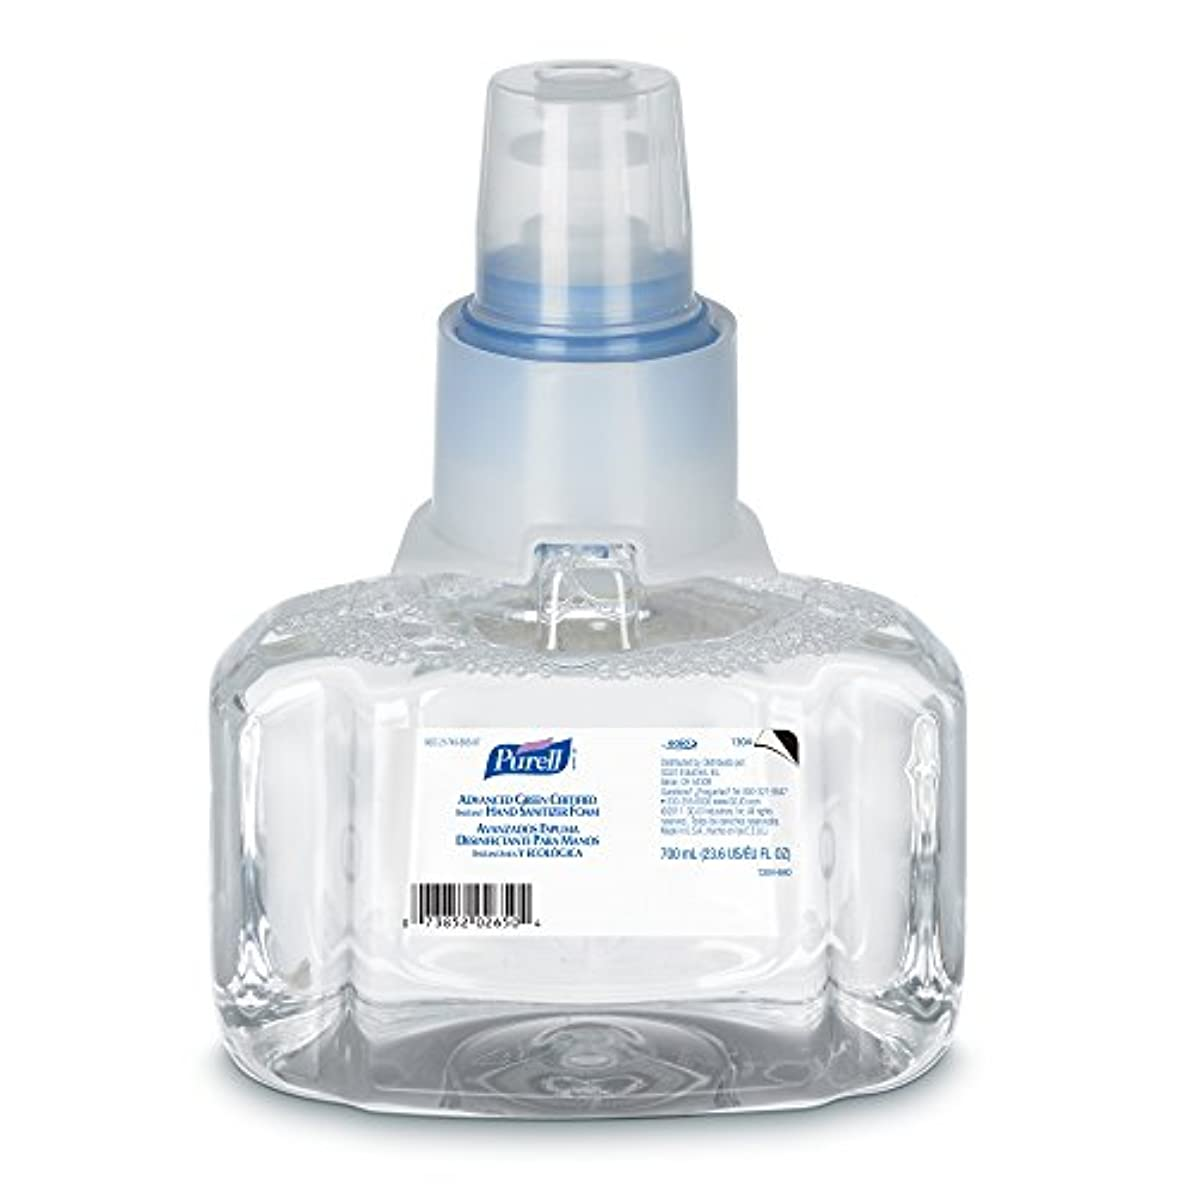 スクラップブック書く筋Purell 1304-03 Advanced Green Certified Instant Hand Sanitizer Foam, 700 ml Refill (Pack of 3) by Purell